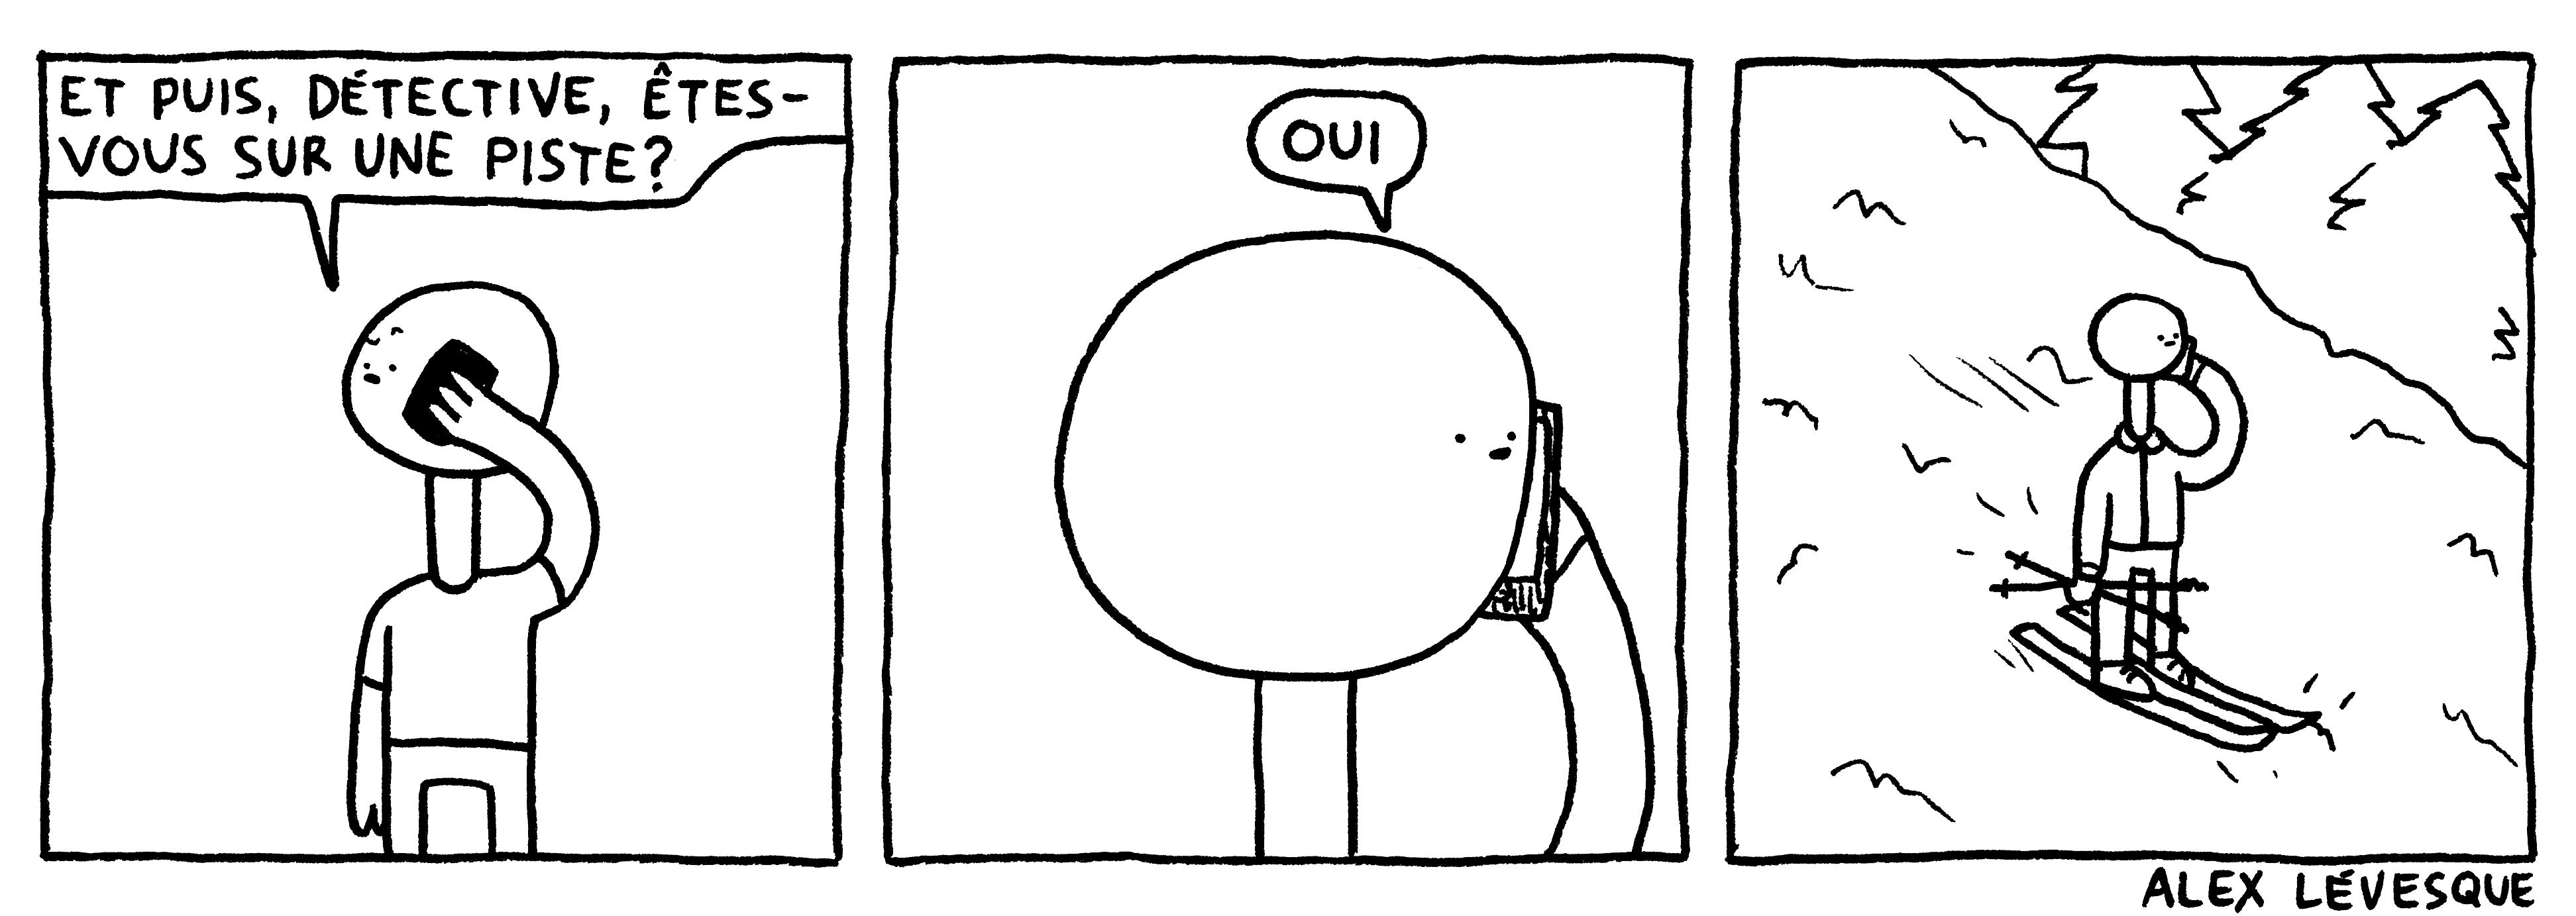 Piste